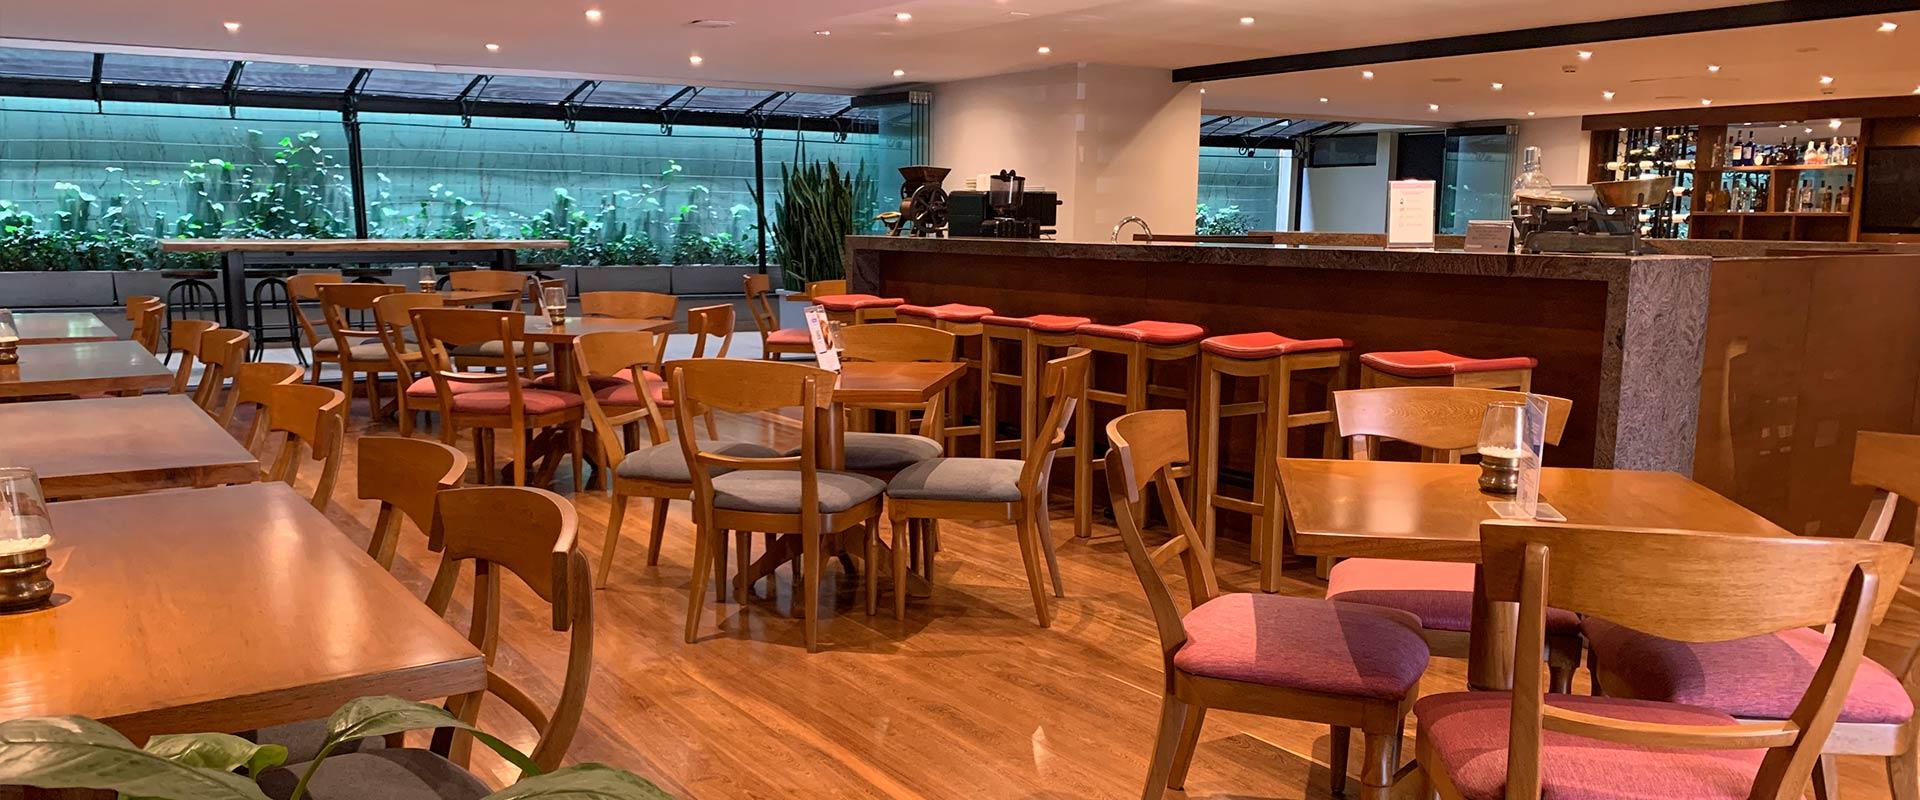 Restaurant-Suites-Jones